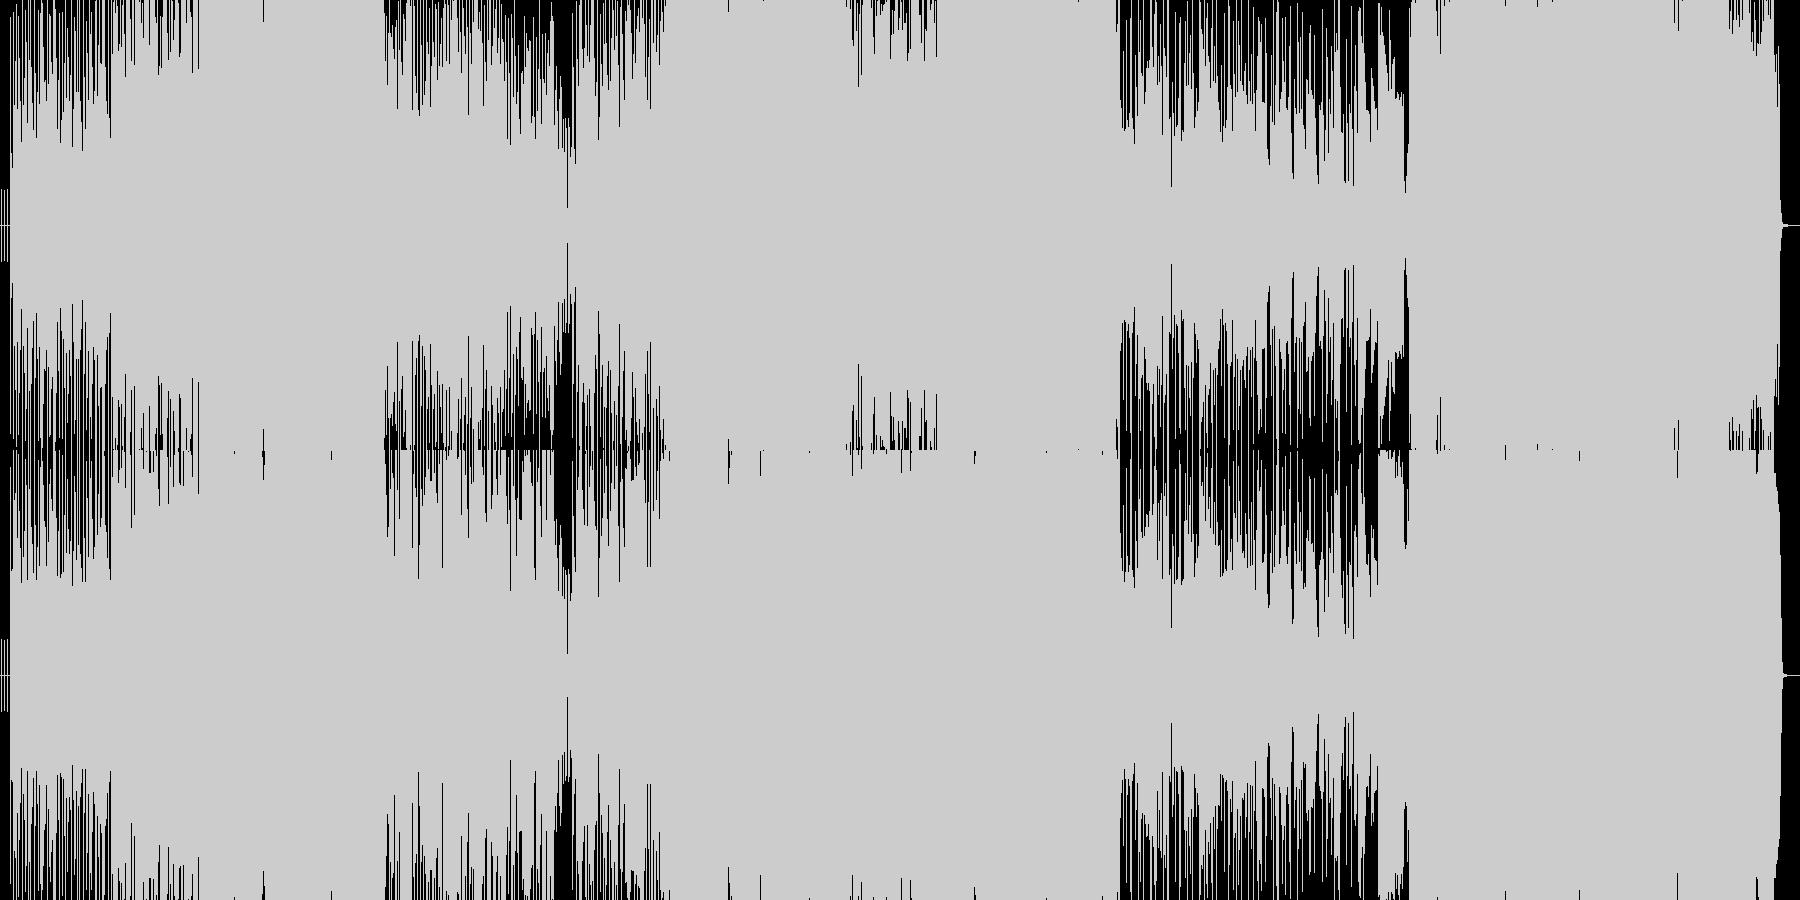 パワフルなラブシーソーの未再生の波形